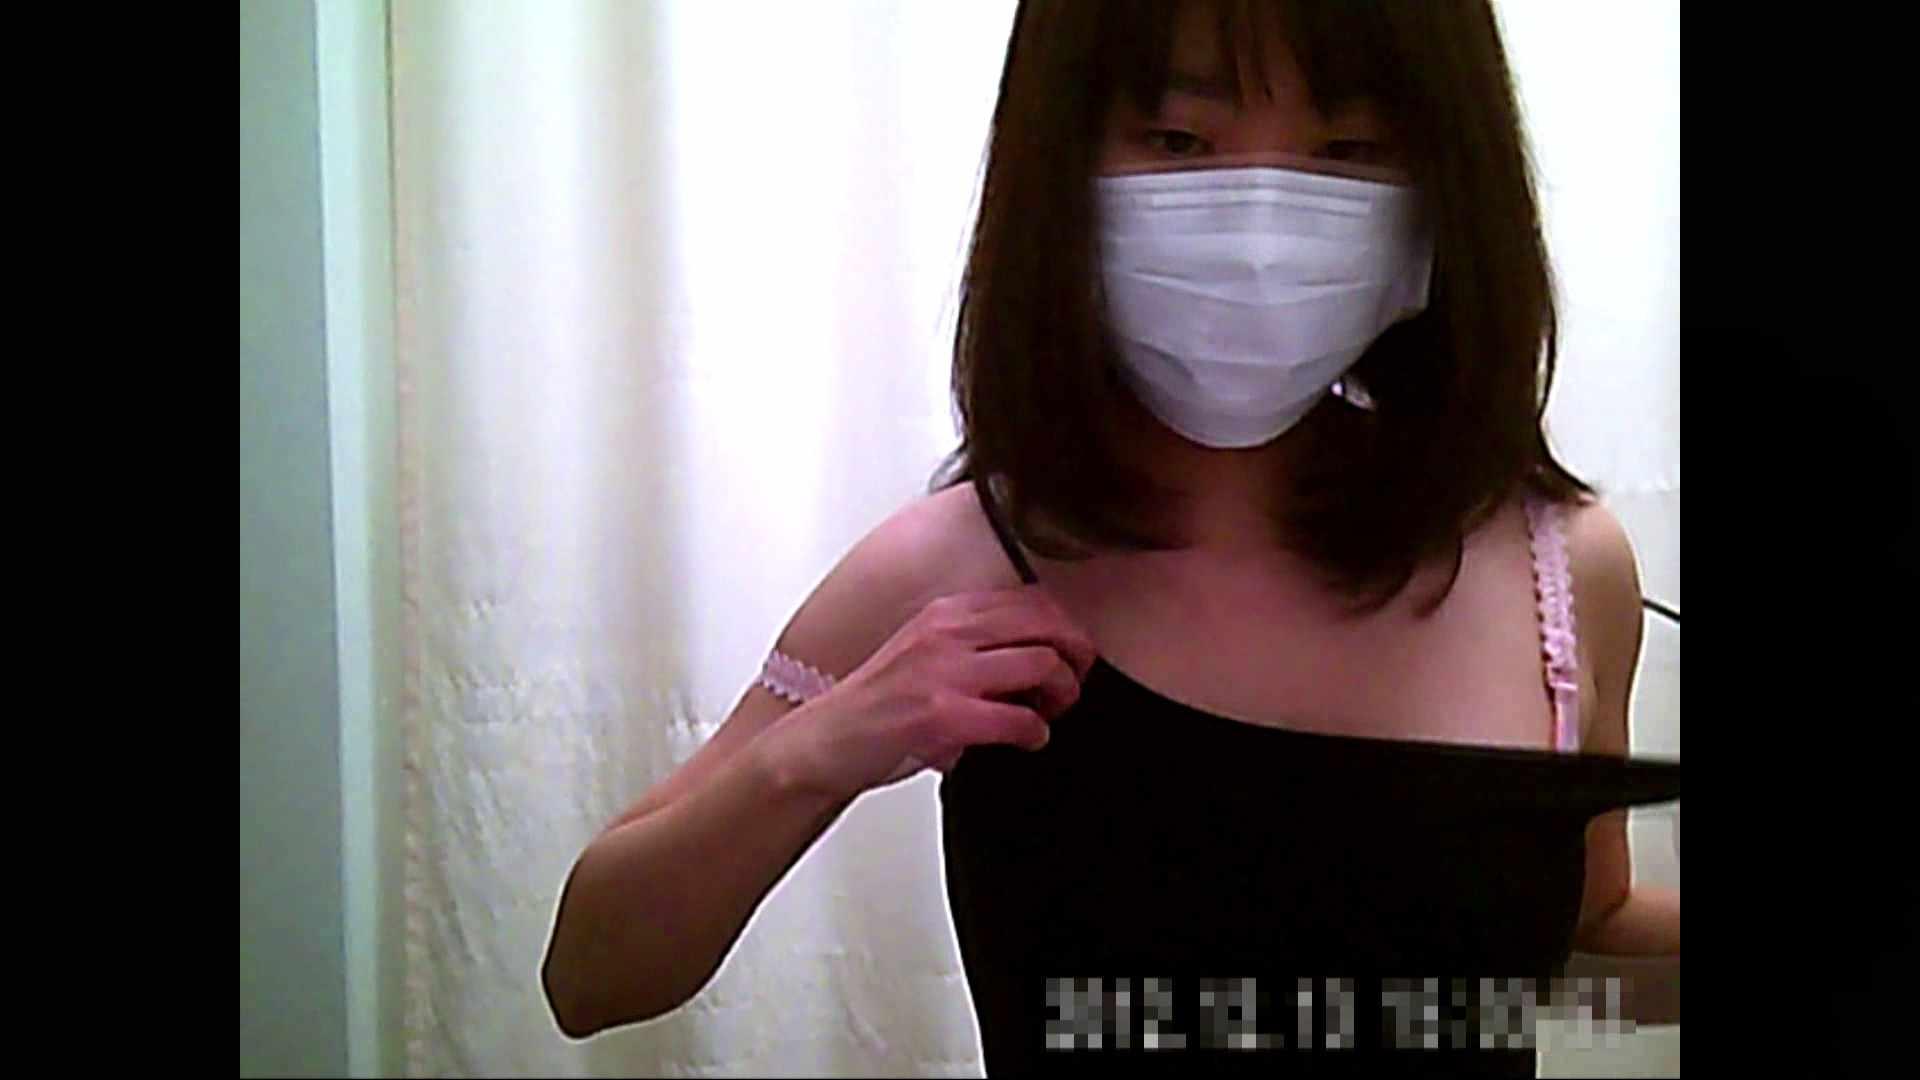 病院おもいっきり着替え! vol.177 巨乳 すけべAV動画紹介 76pic 61